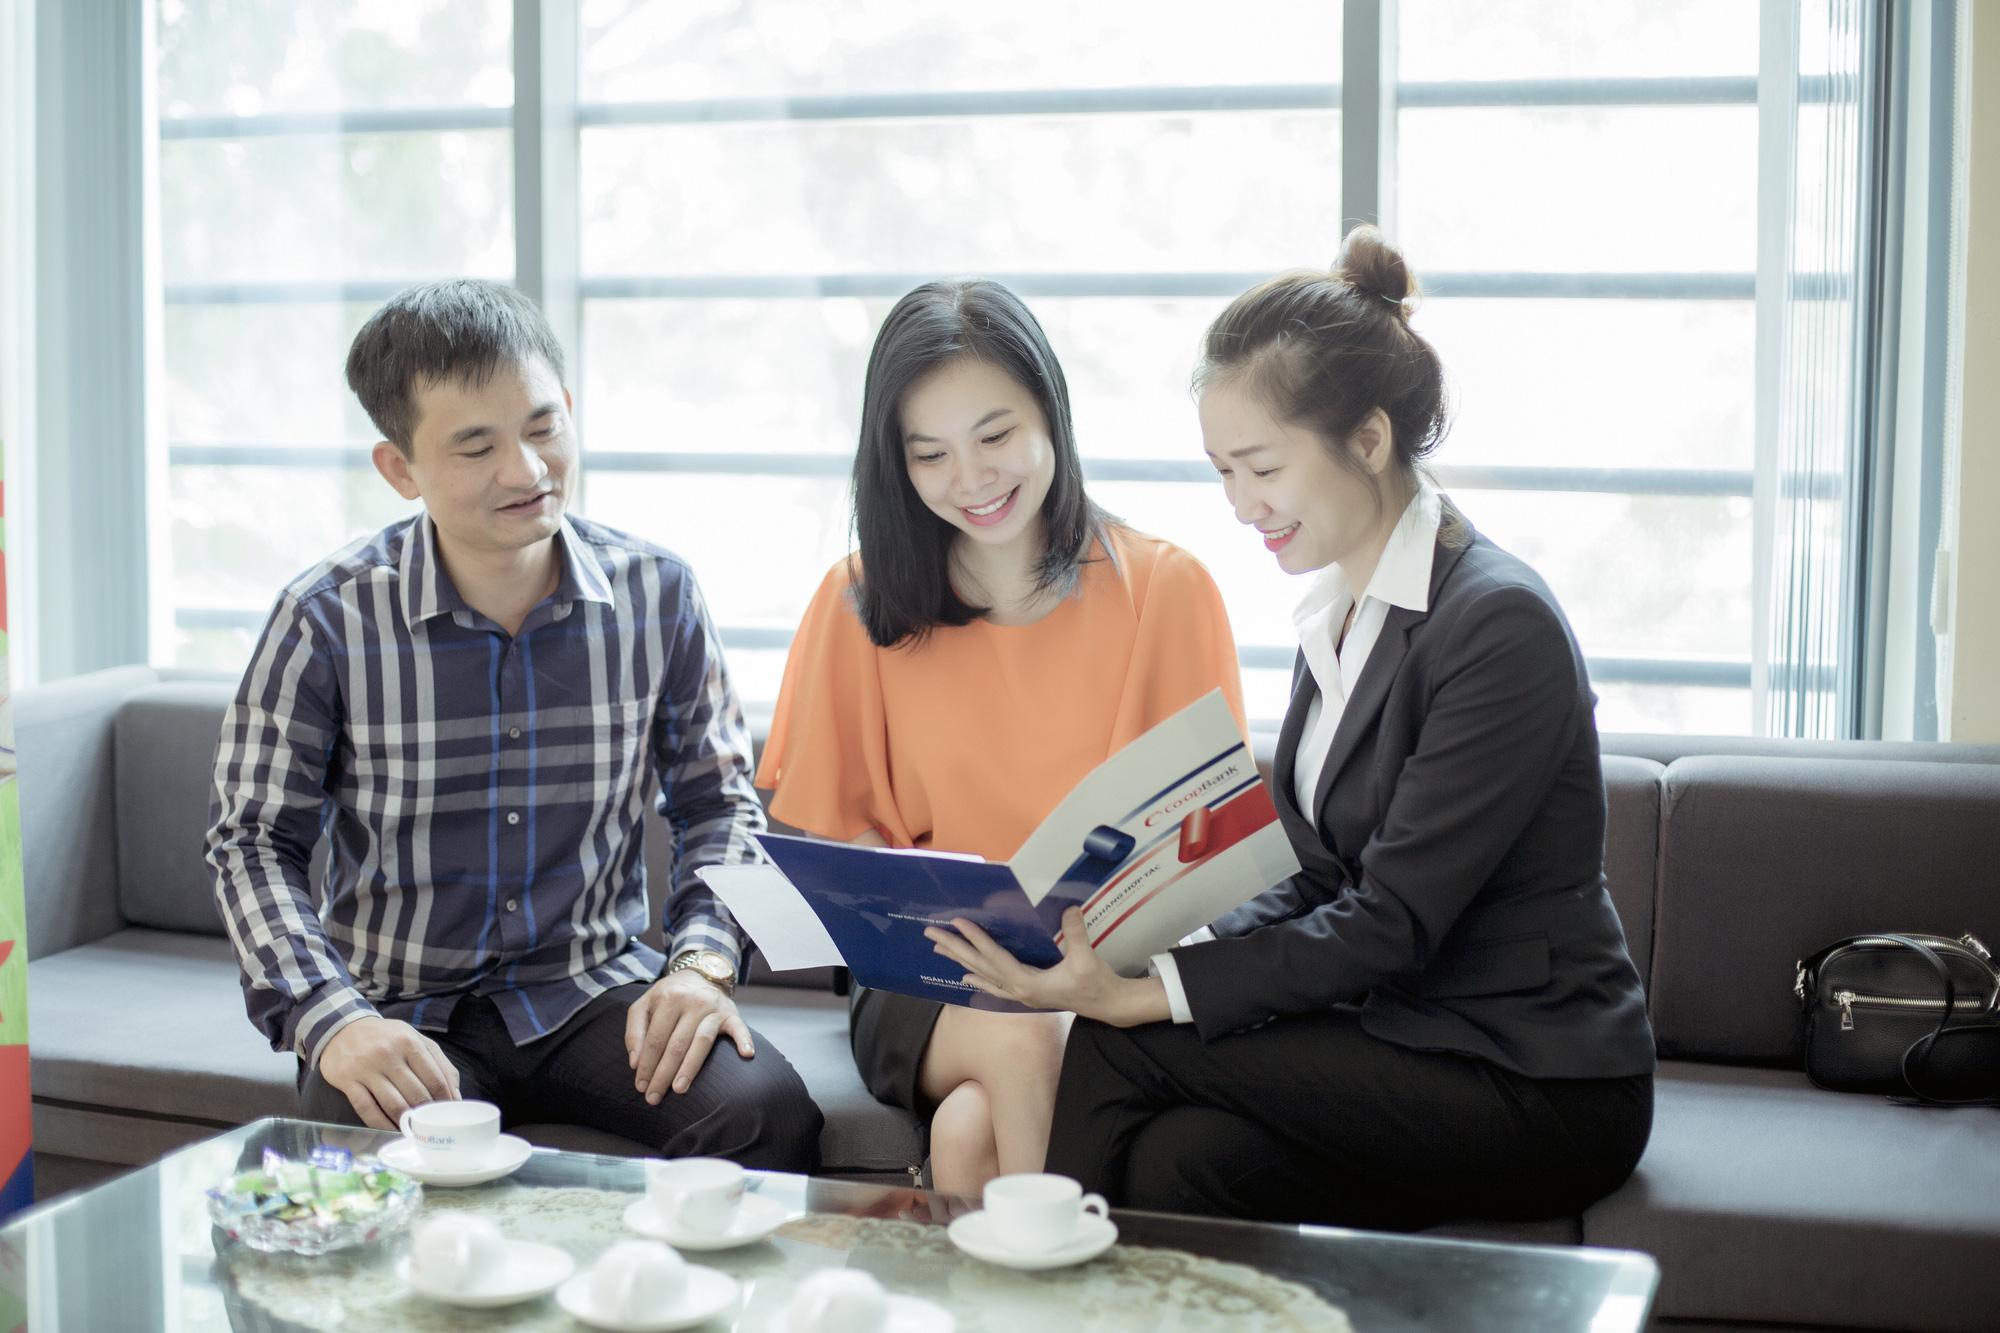 Ngân hàng Hợp tác xã Việt Nam: Thúc đẩy tài chính toàn diện  - Ảnh 2.